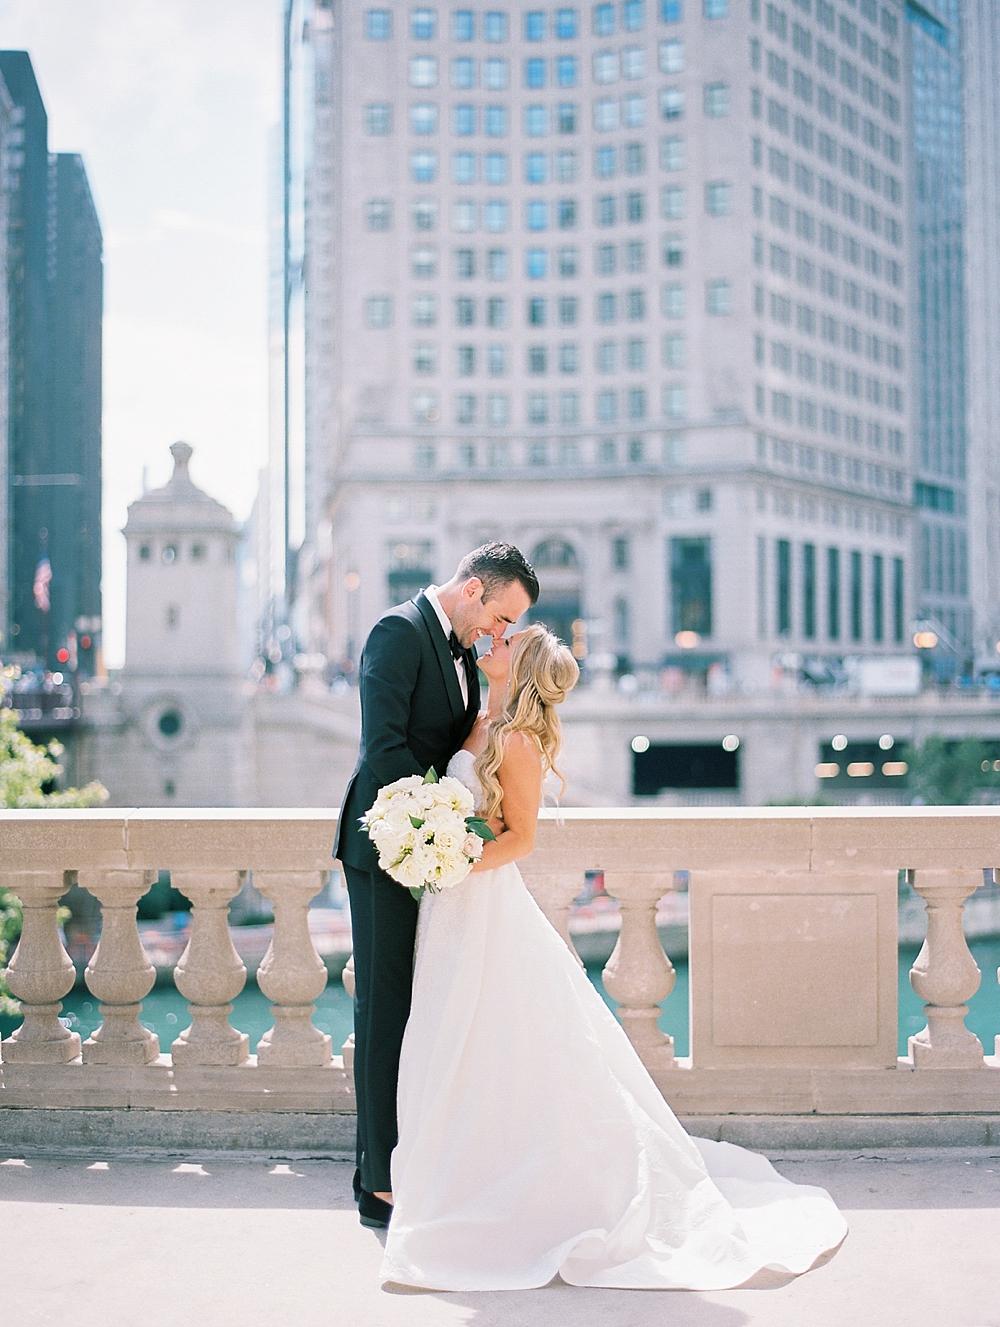 kristin-la-voie-photography-Chicago-Botanic-Garden-Wedding-8-29-21-87